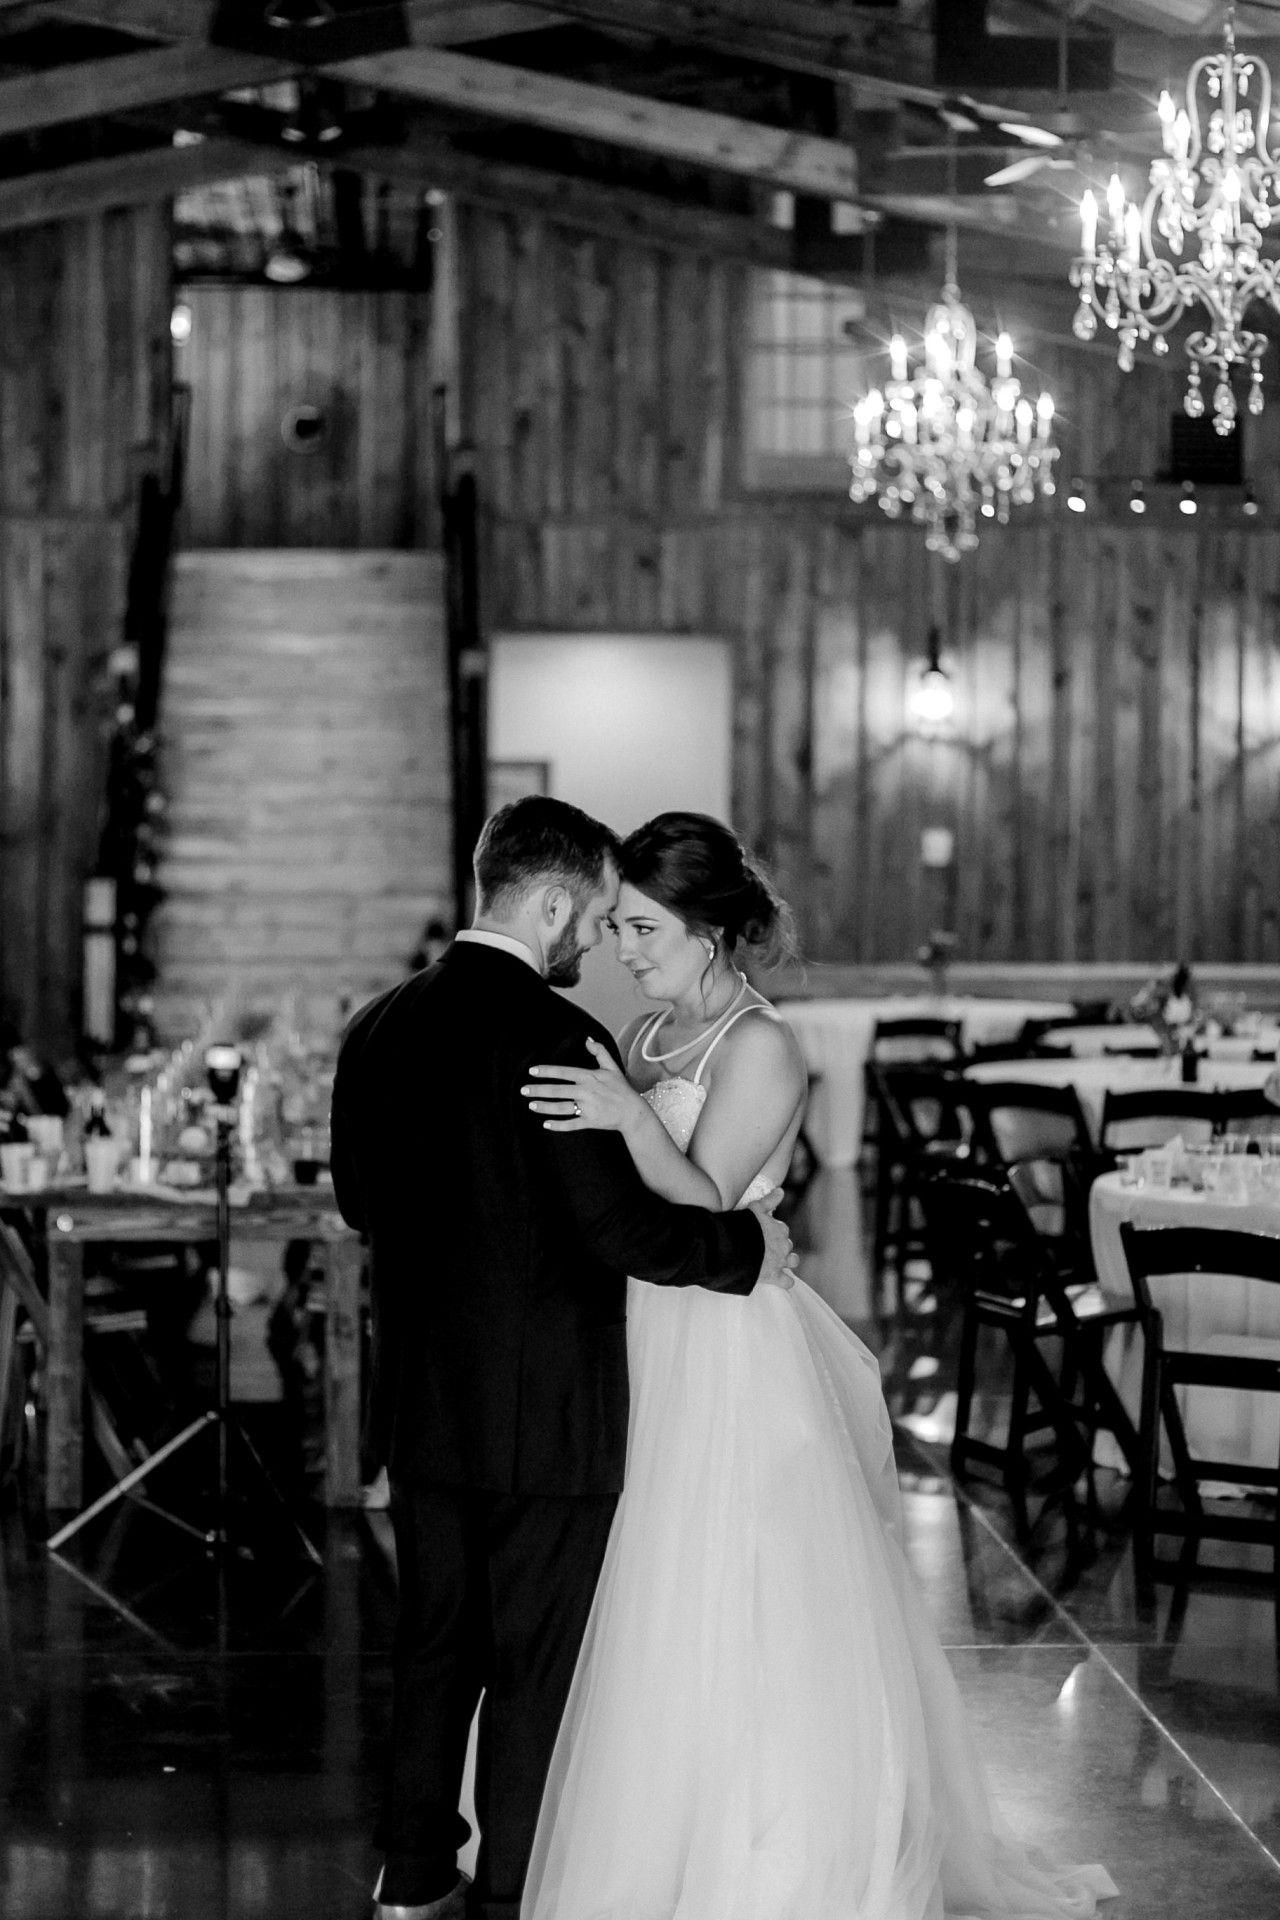 last dance wedding reception ideas wedding day ideas